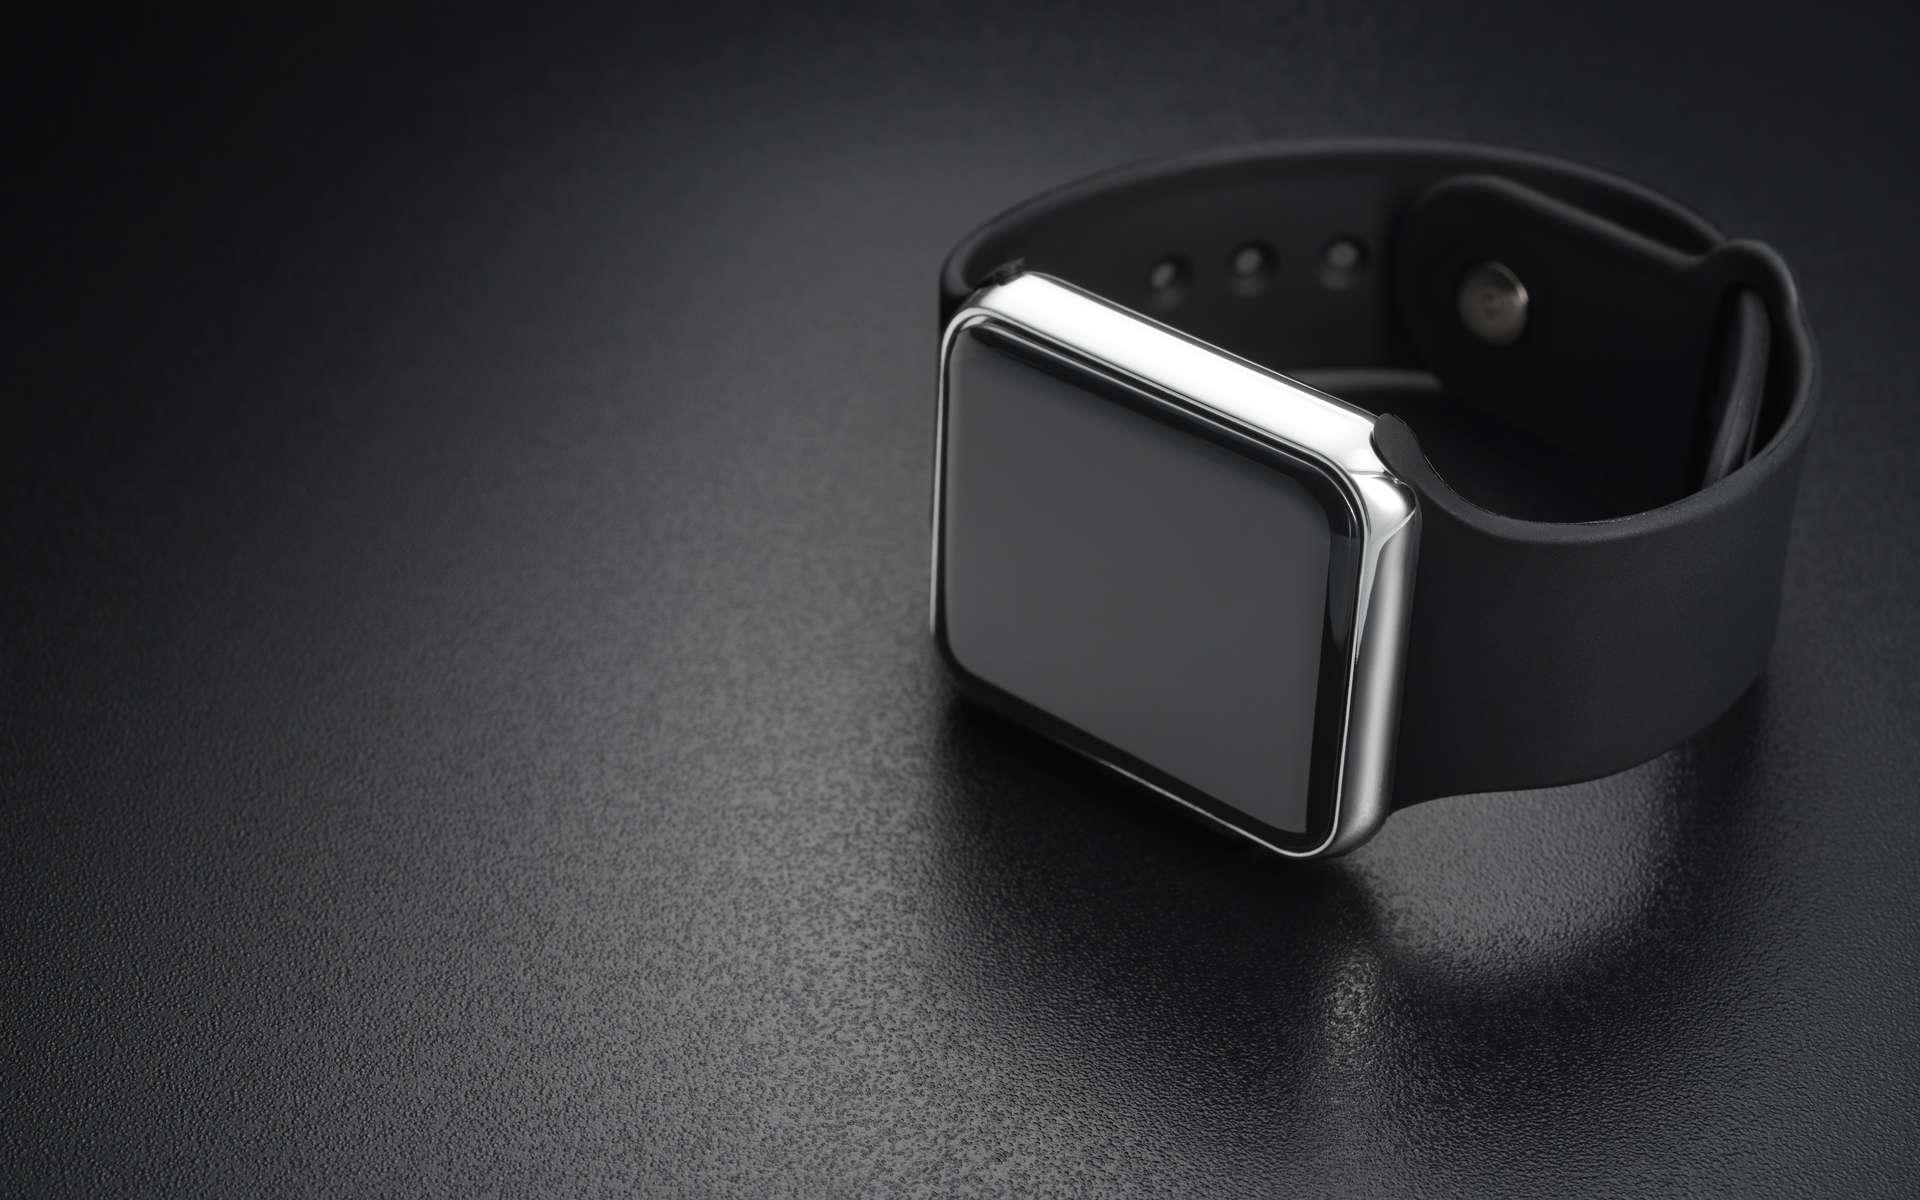 La montre connectée dispose de multiples fonctionnalités. © Kuzmick, Adobe Stock